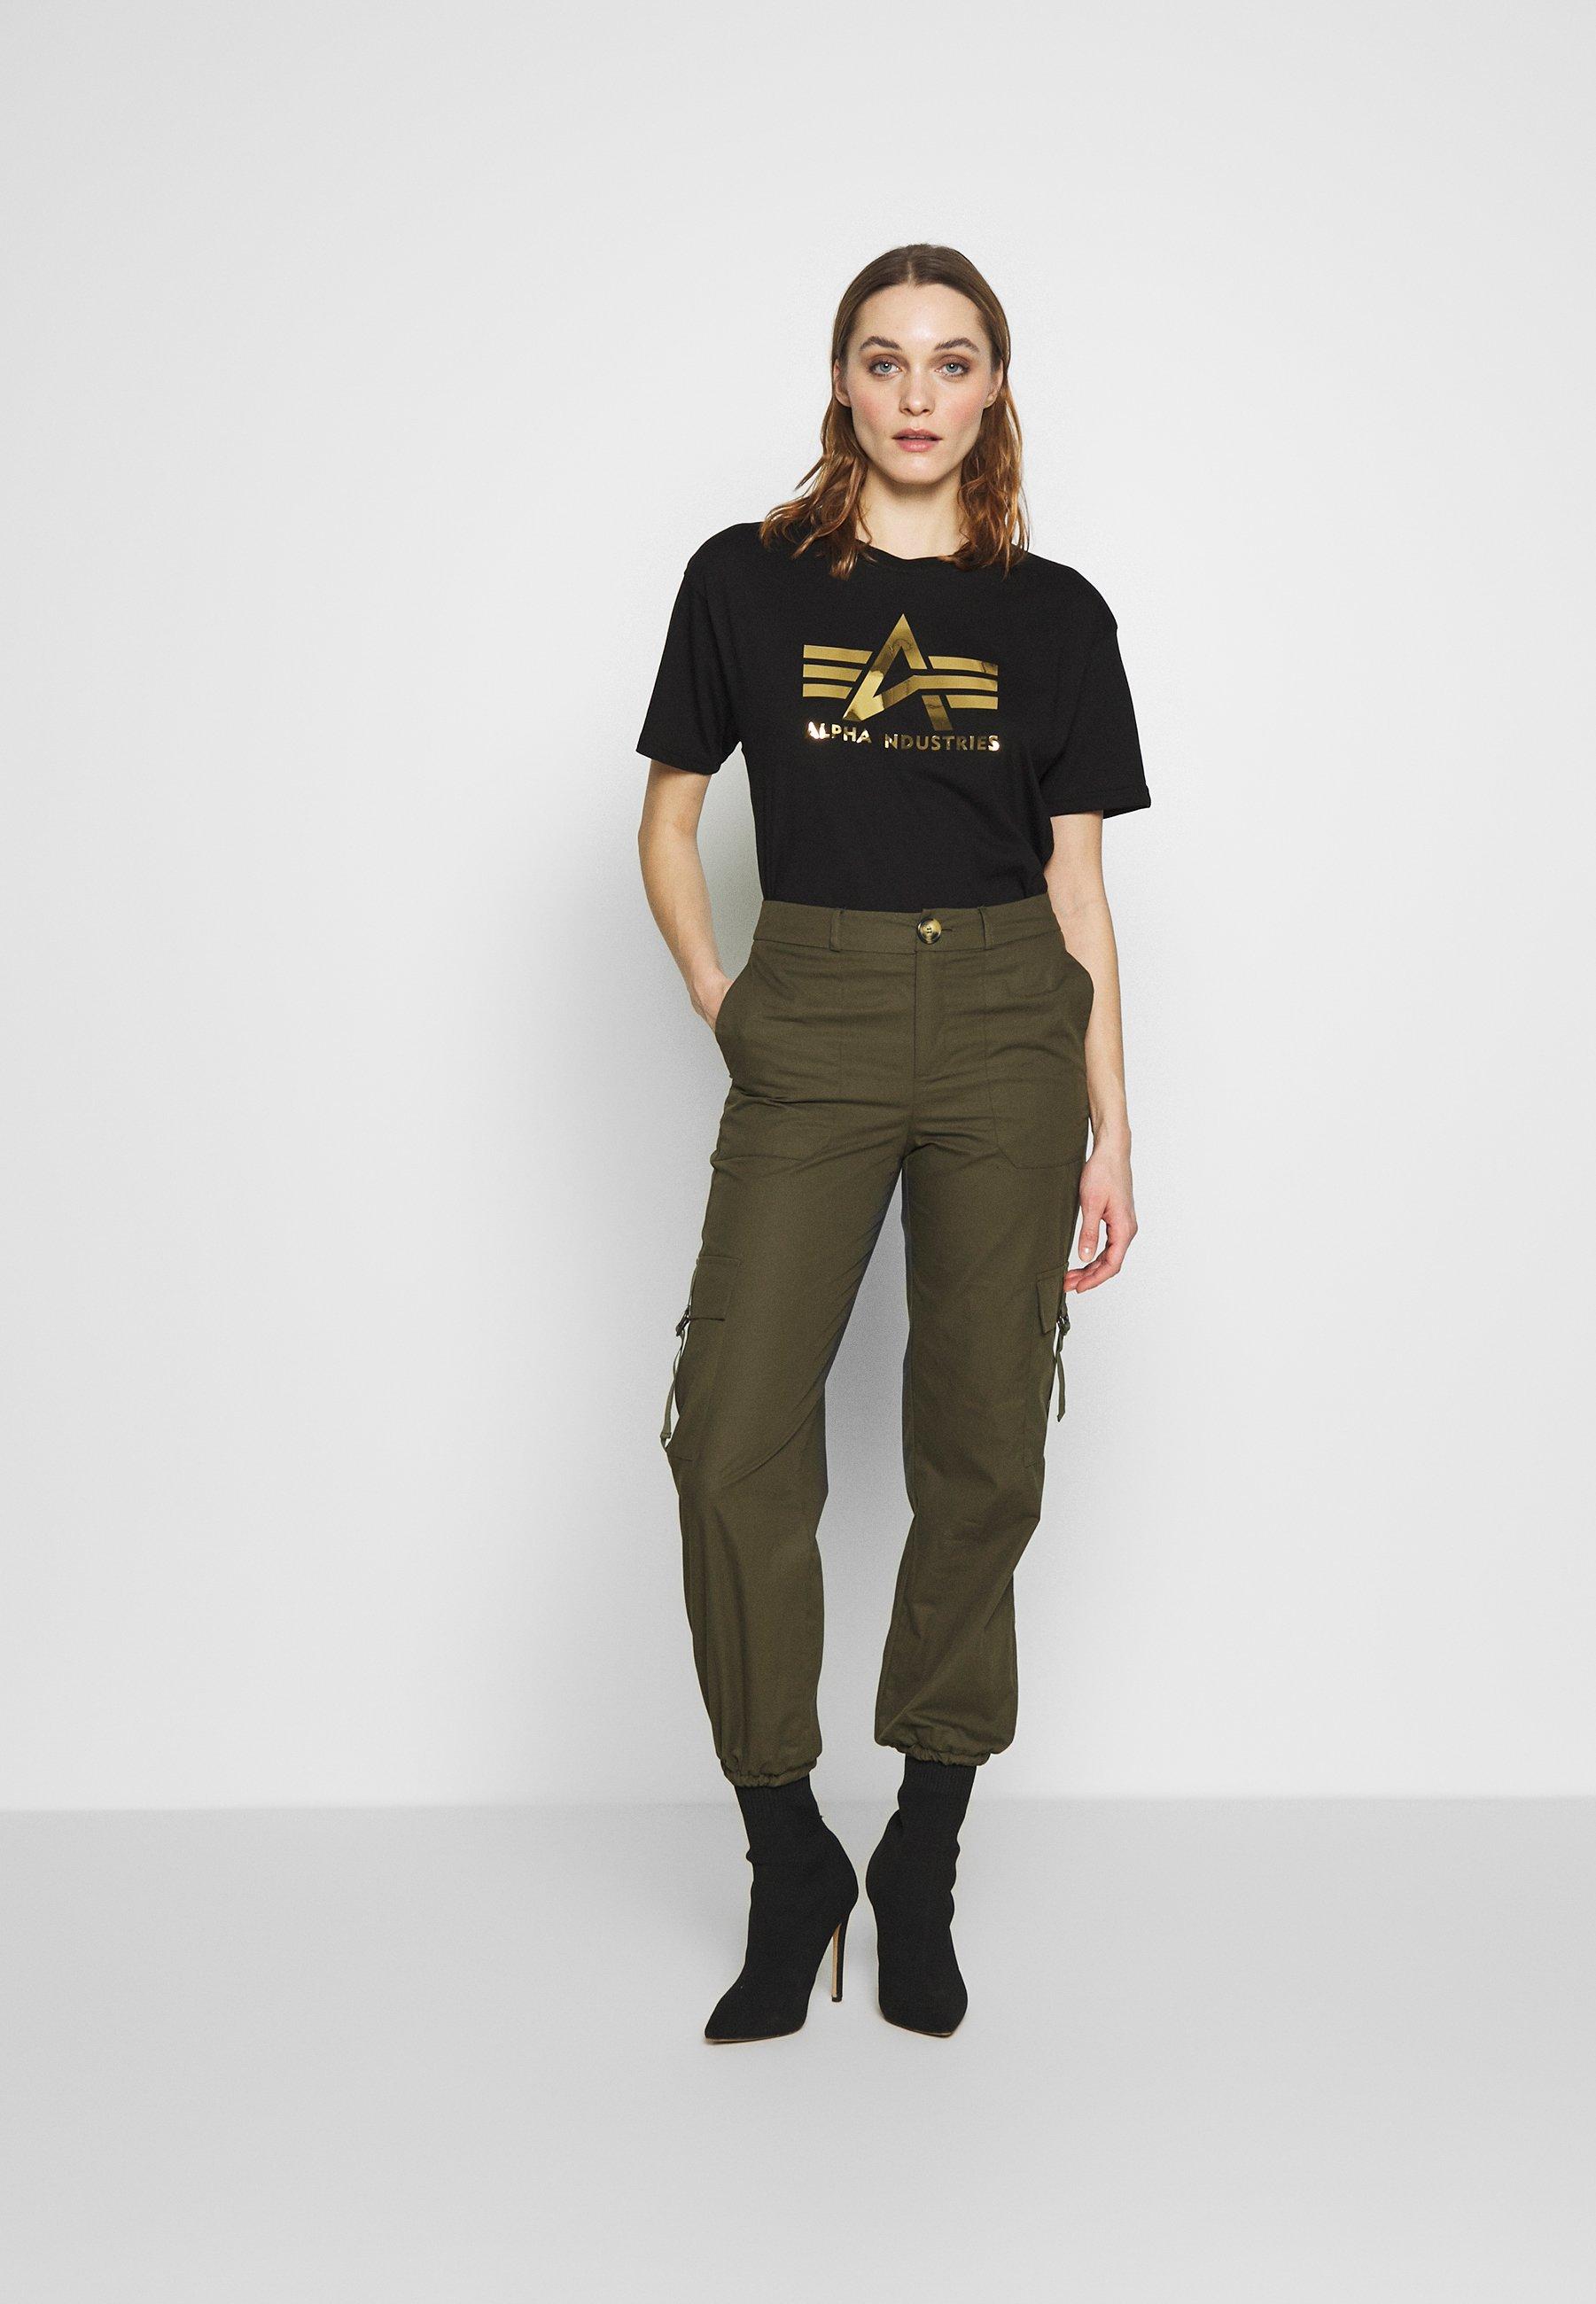 T Shirt print black